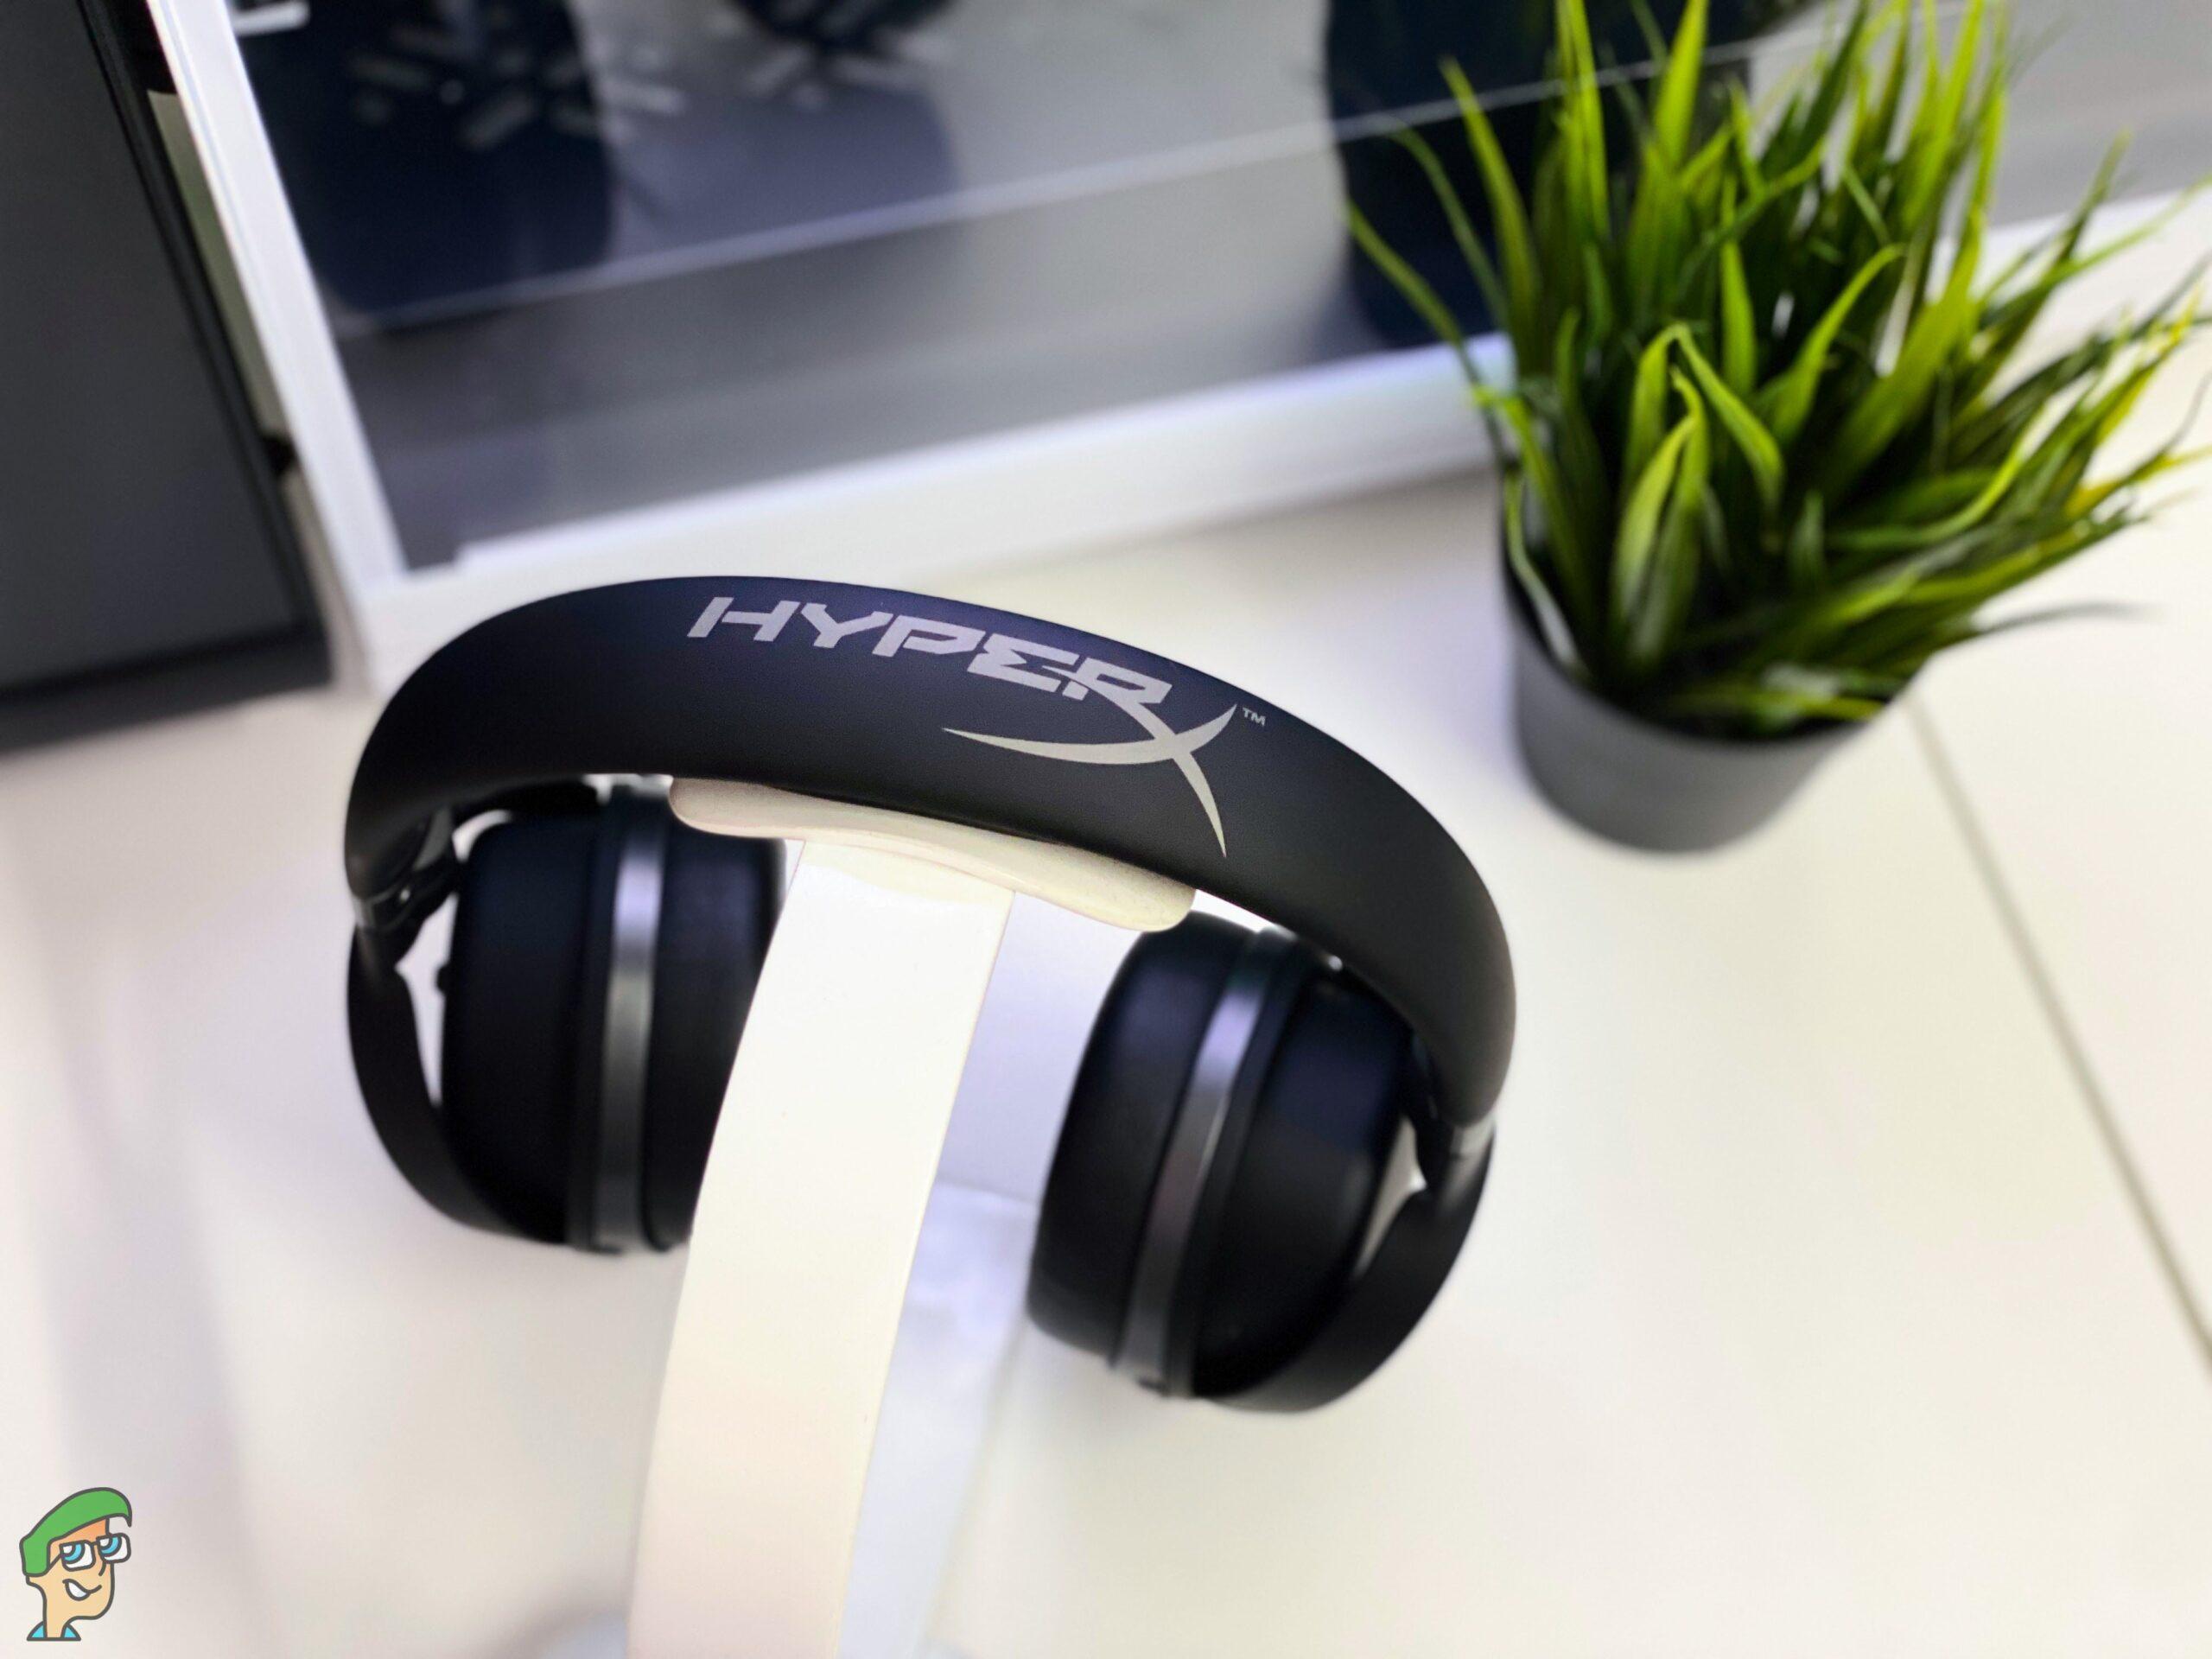 HyperX Orbit S Review